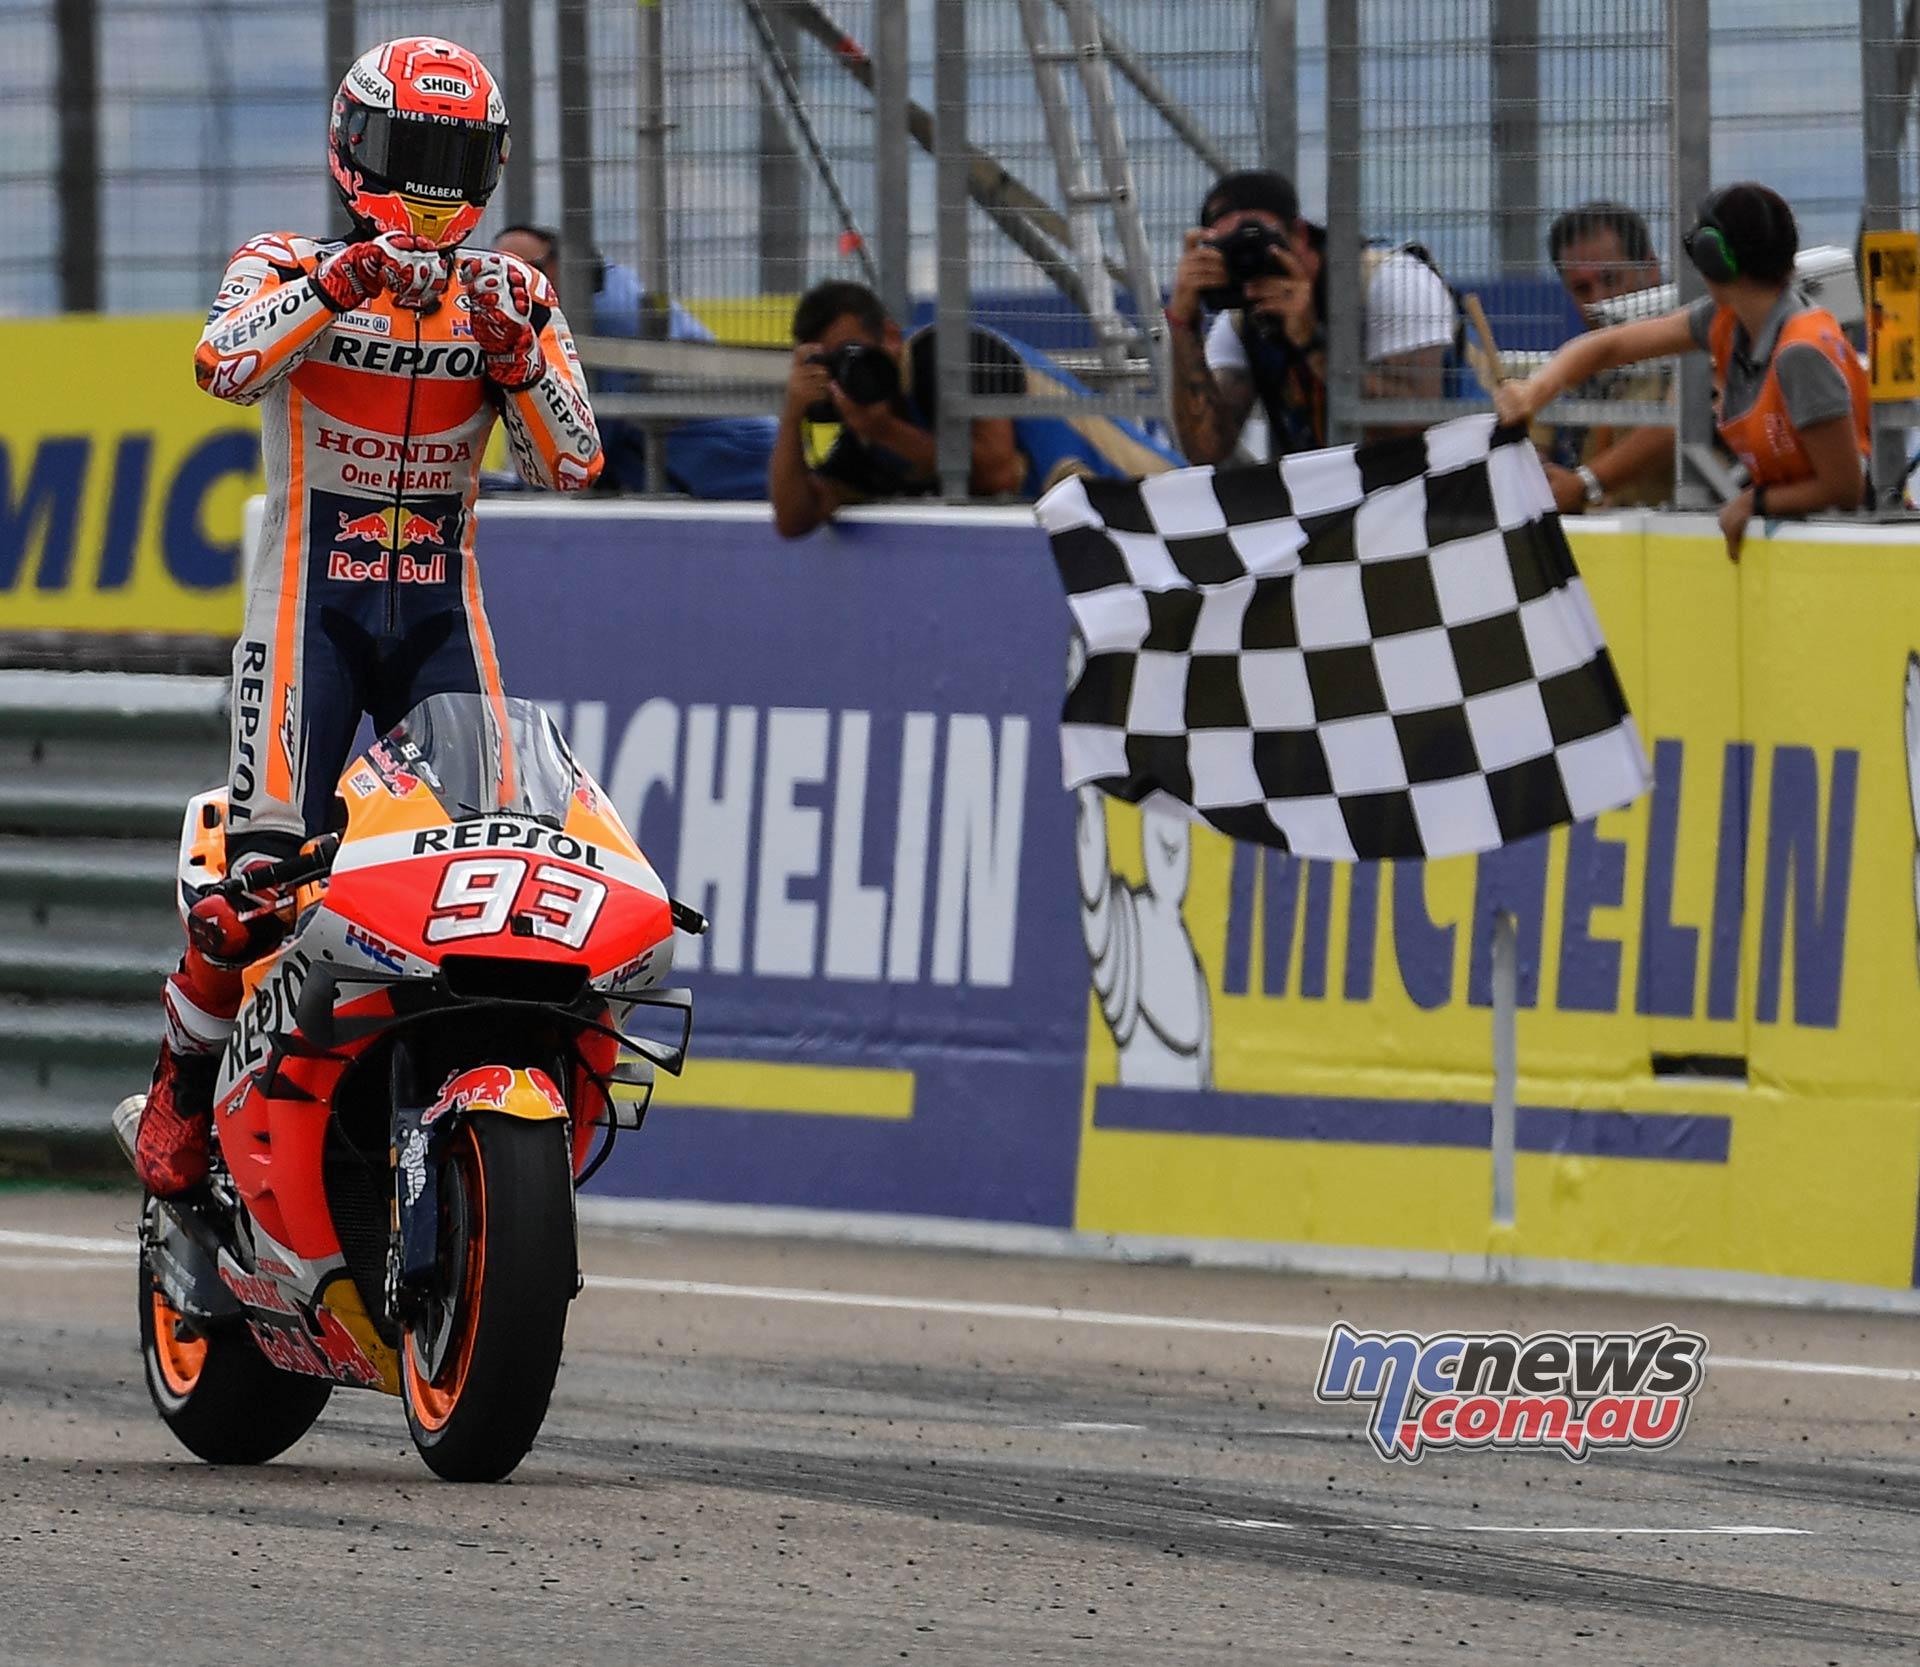 MotoGP Rnd Aragon Marquez wins